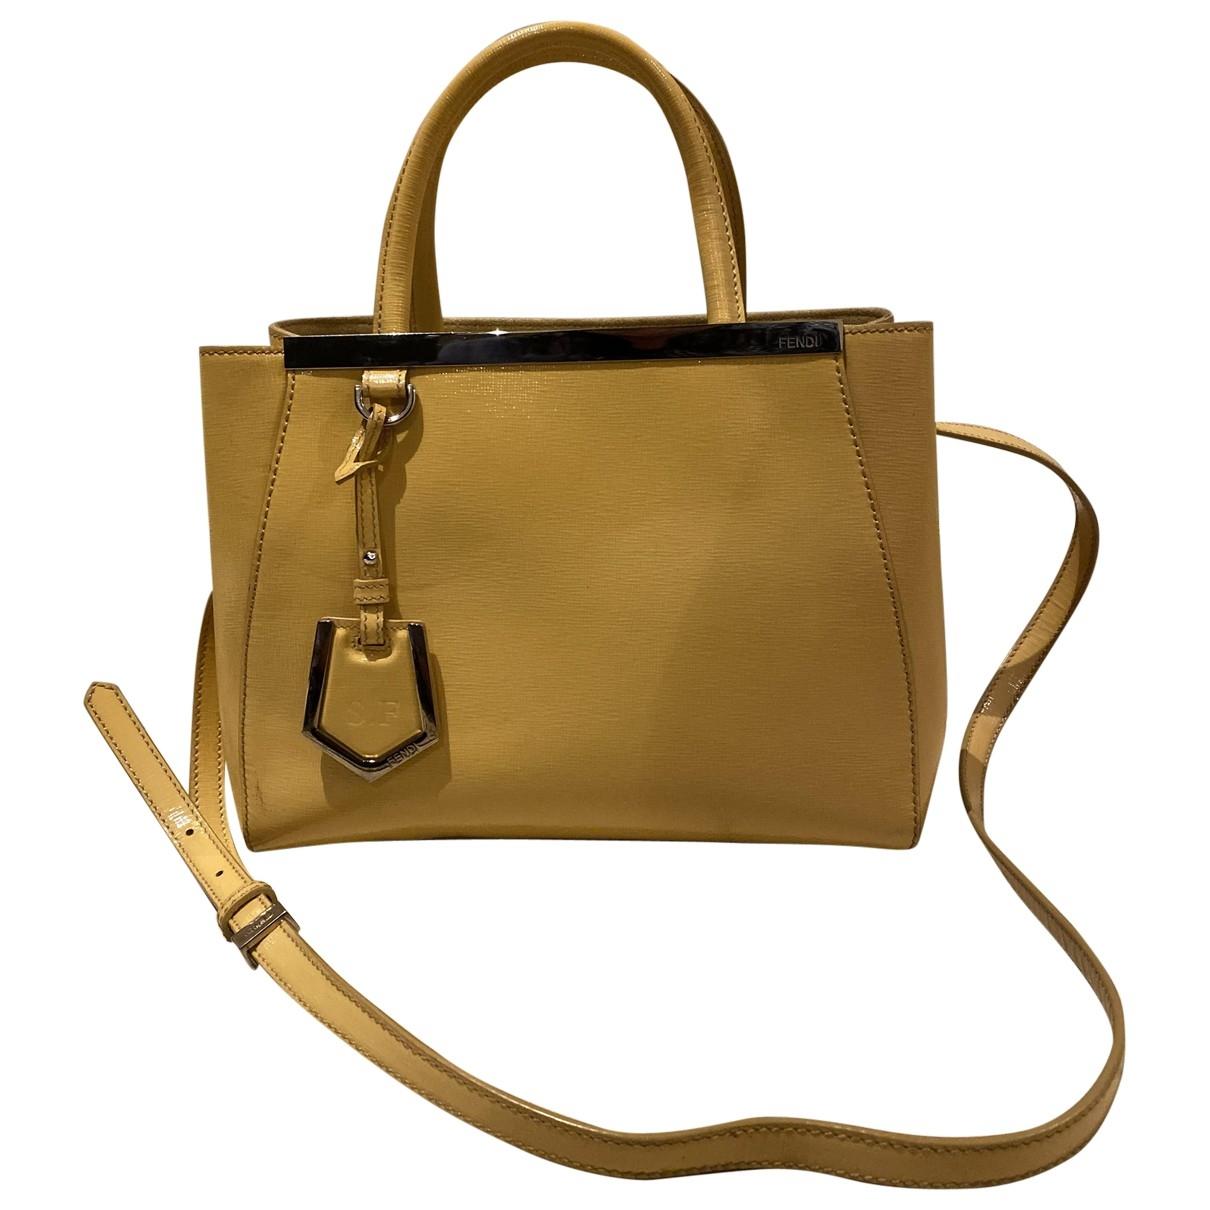 Fendi 2Jours Handtasche in  Gelb Leder